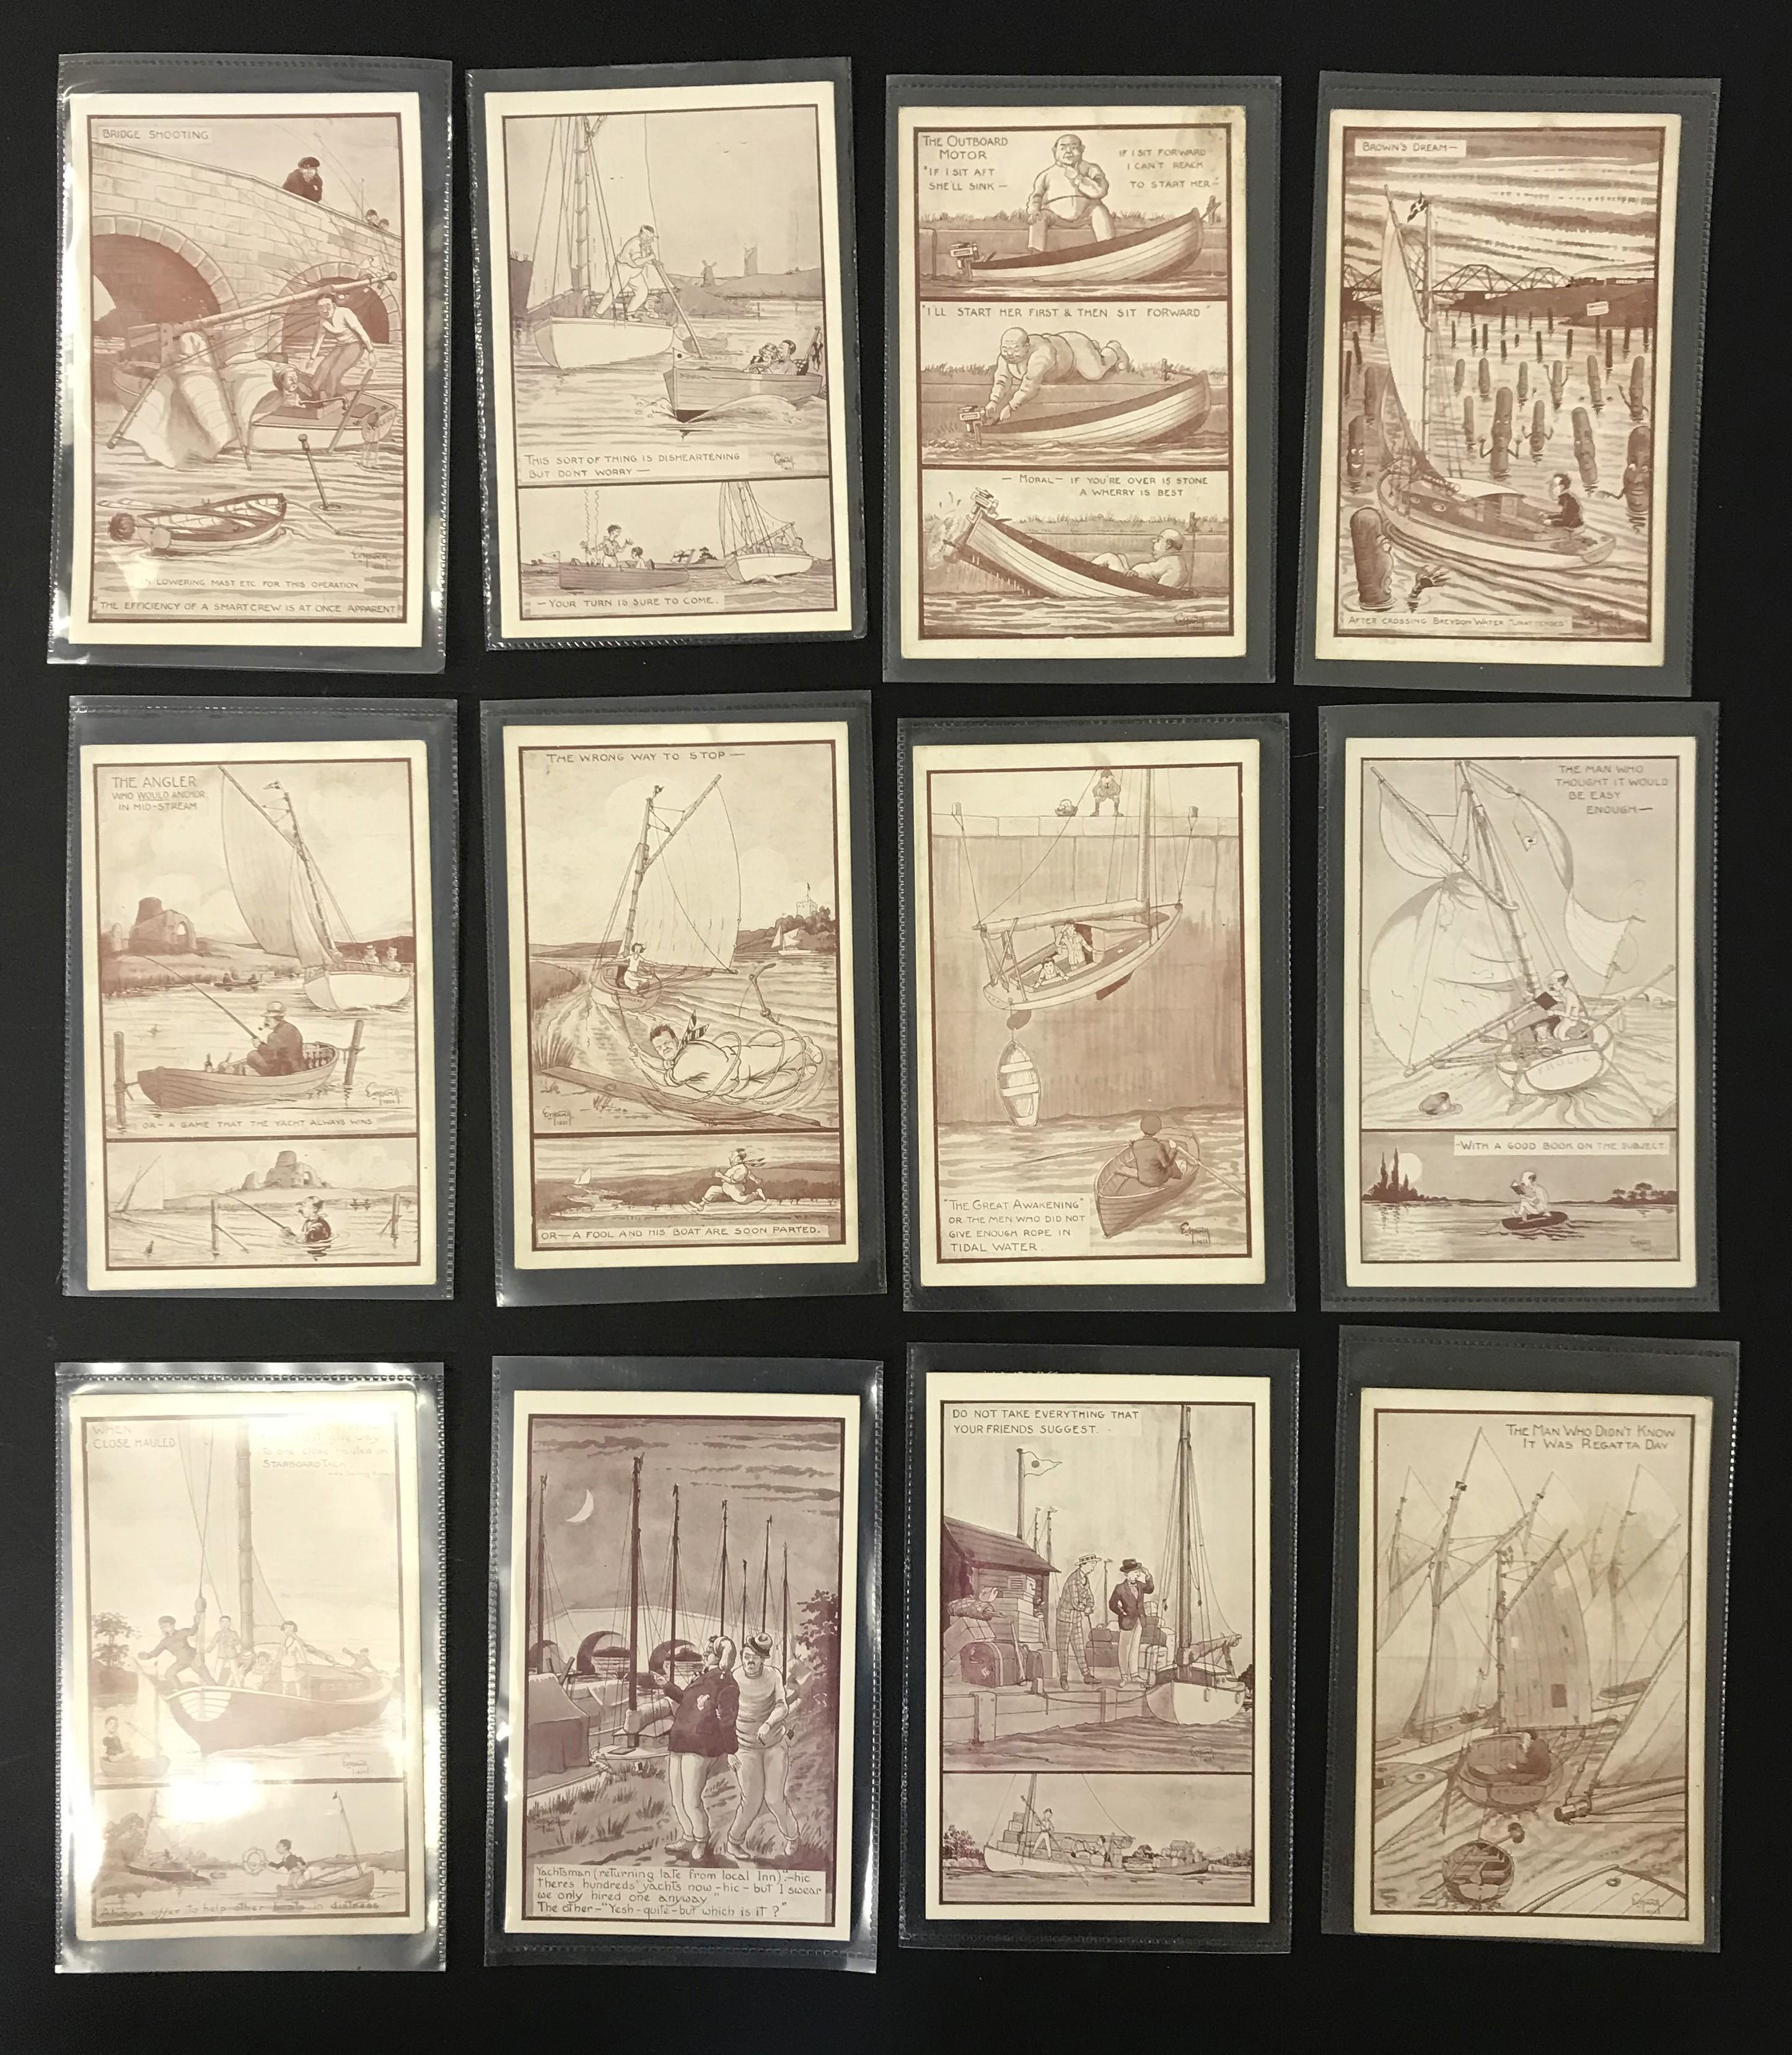 Lot 39 - COMPLETE SET OF TWELVE ARTIST SIGNED COMIC POSTCARDS - NORFOLK BROADS